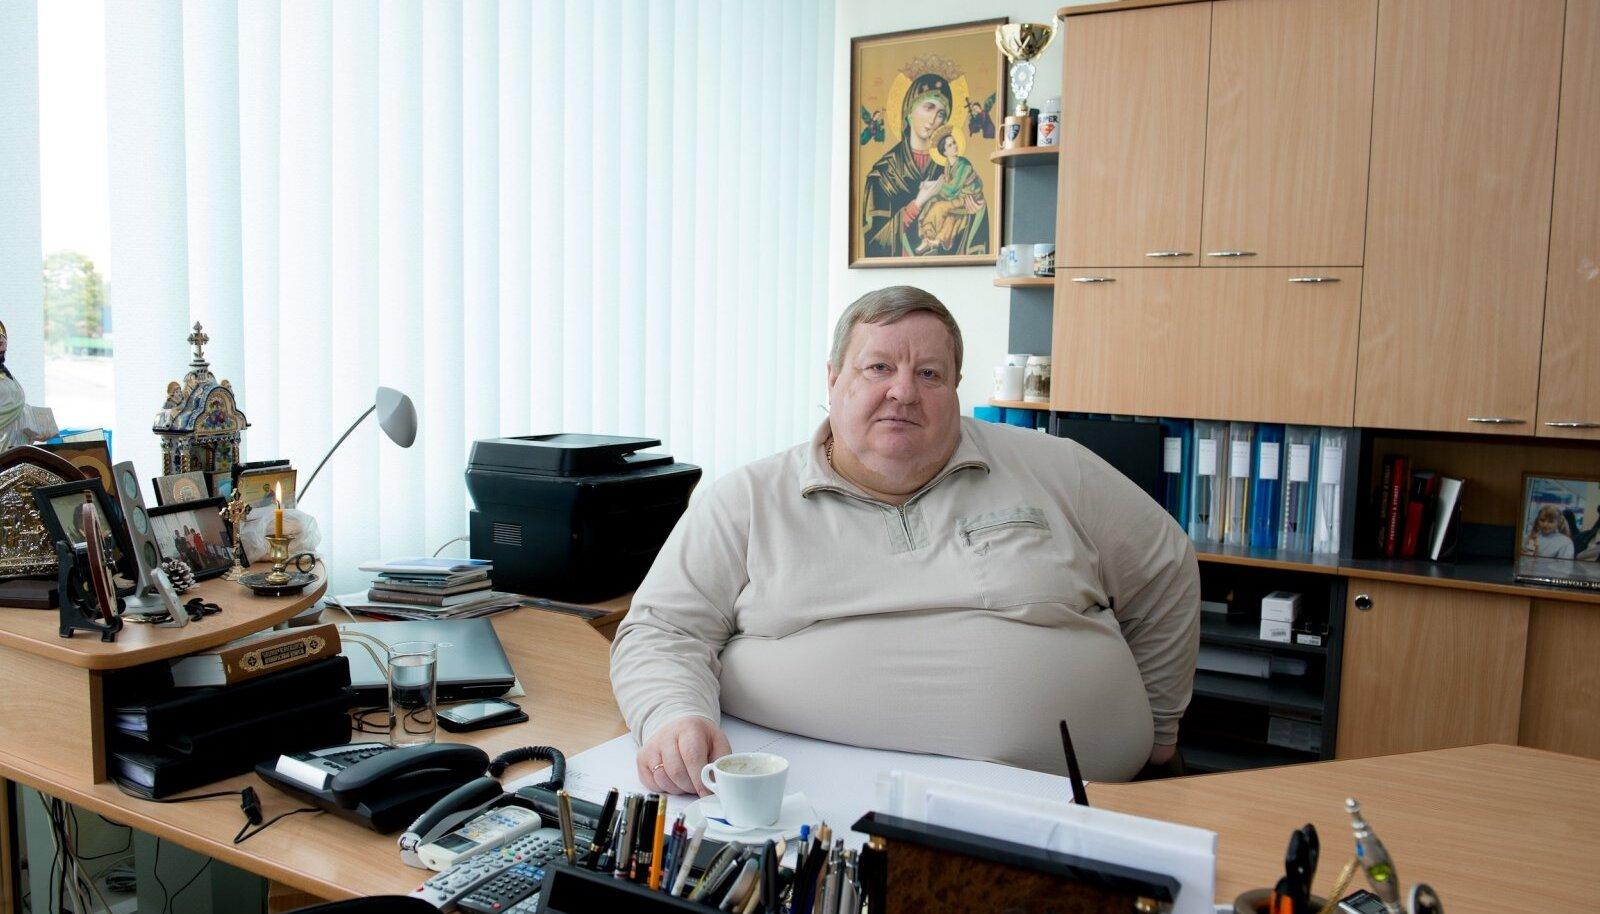 Jõhvi kroonimata kuningas Nikolai Ossipenko pääses kuus aastat tagasi kehva tervise tõttu kohtupidamisest, aga korraldab piirkonna elu kindla käega edasi.